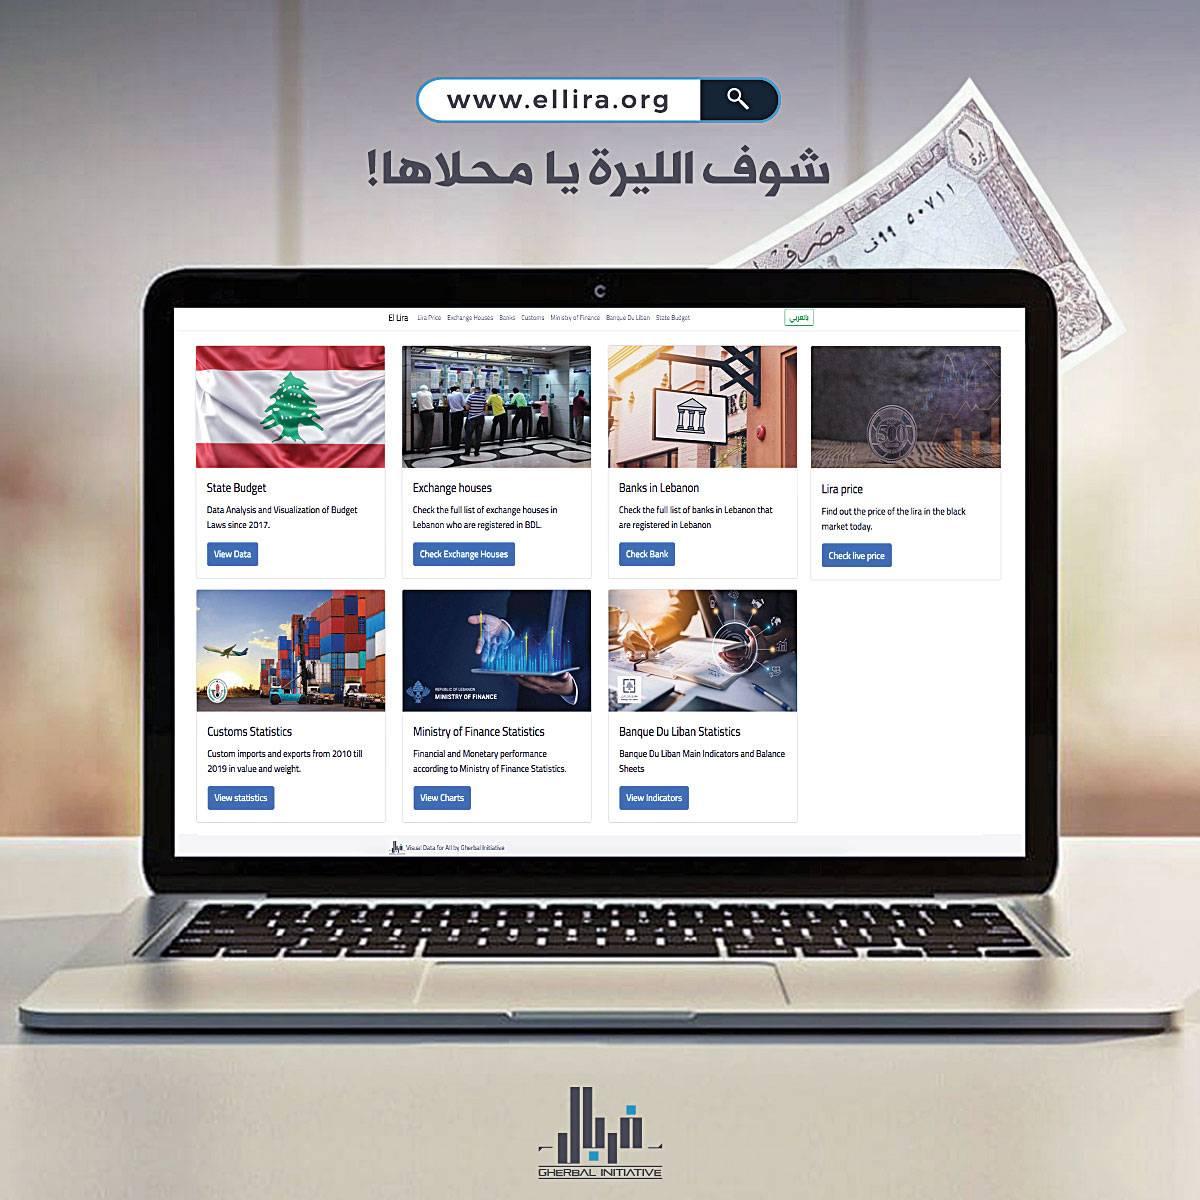 El-Baladiyat et Ellira, deux nouvelles plates-formes pour plus de transparence publique